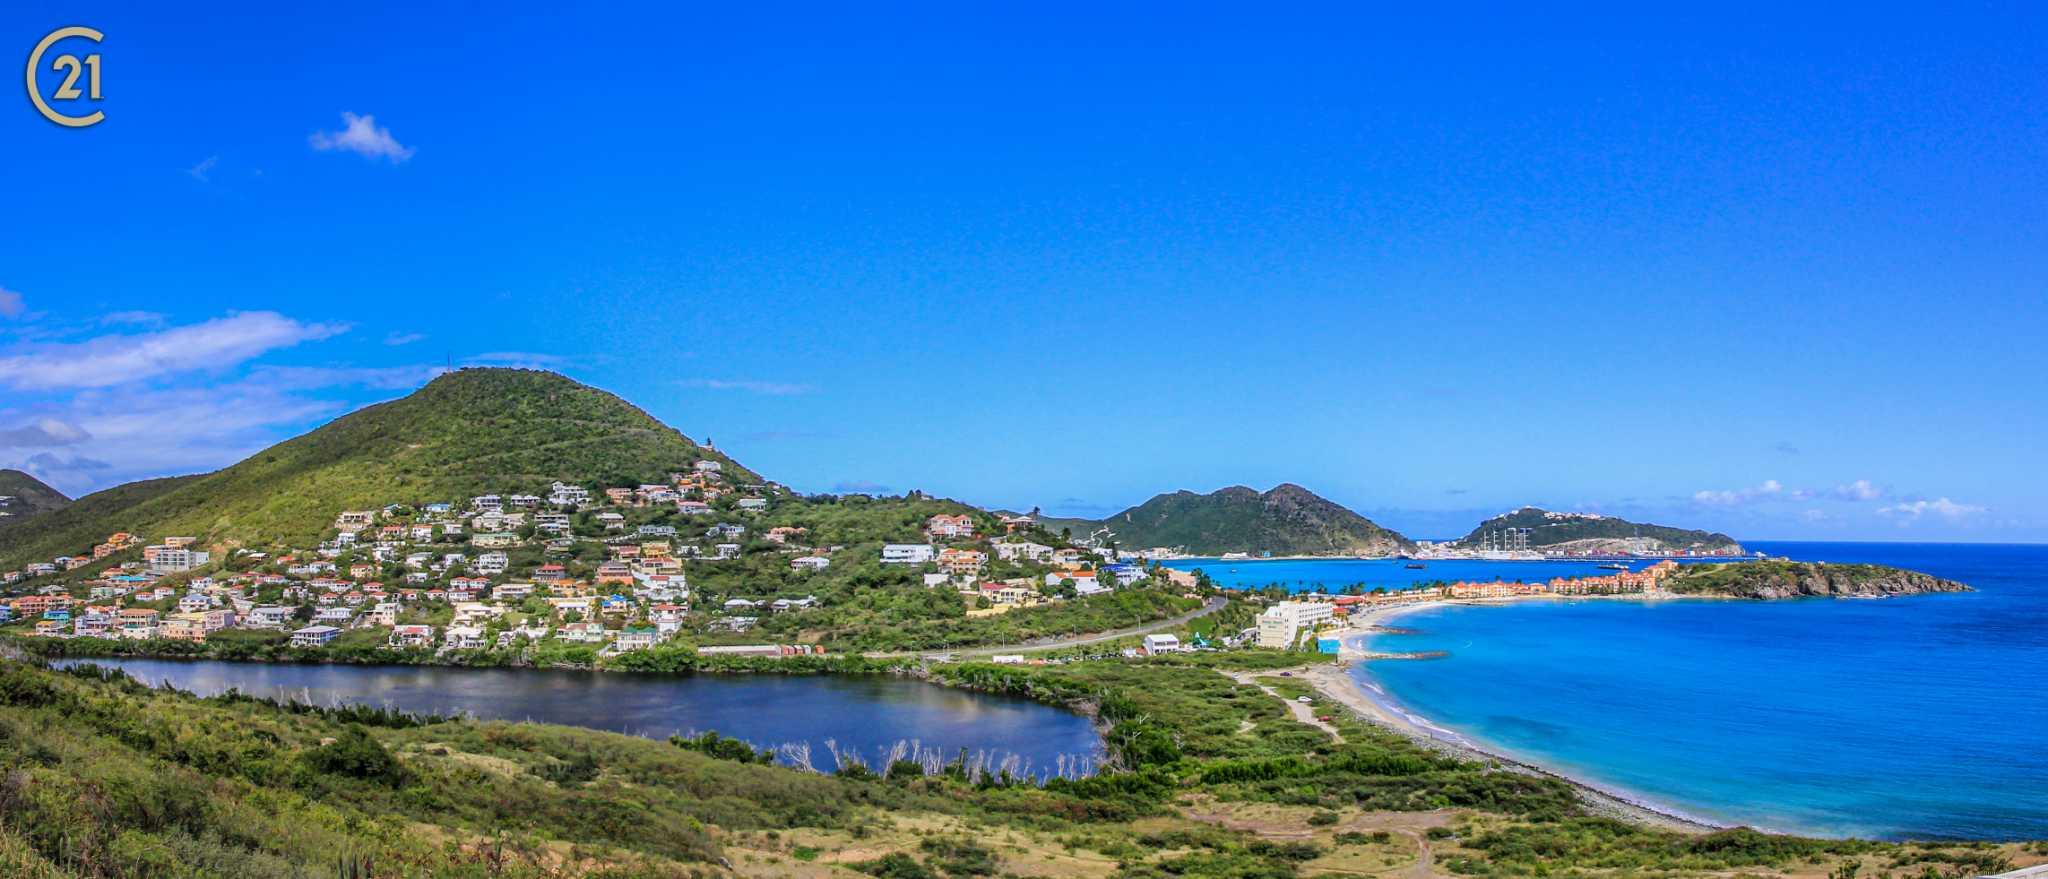 Buy Property In Belair Beach St Maarten